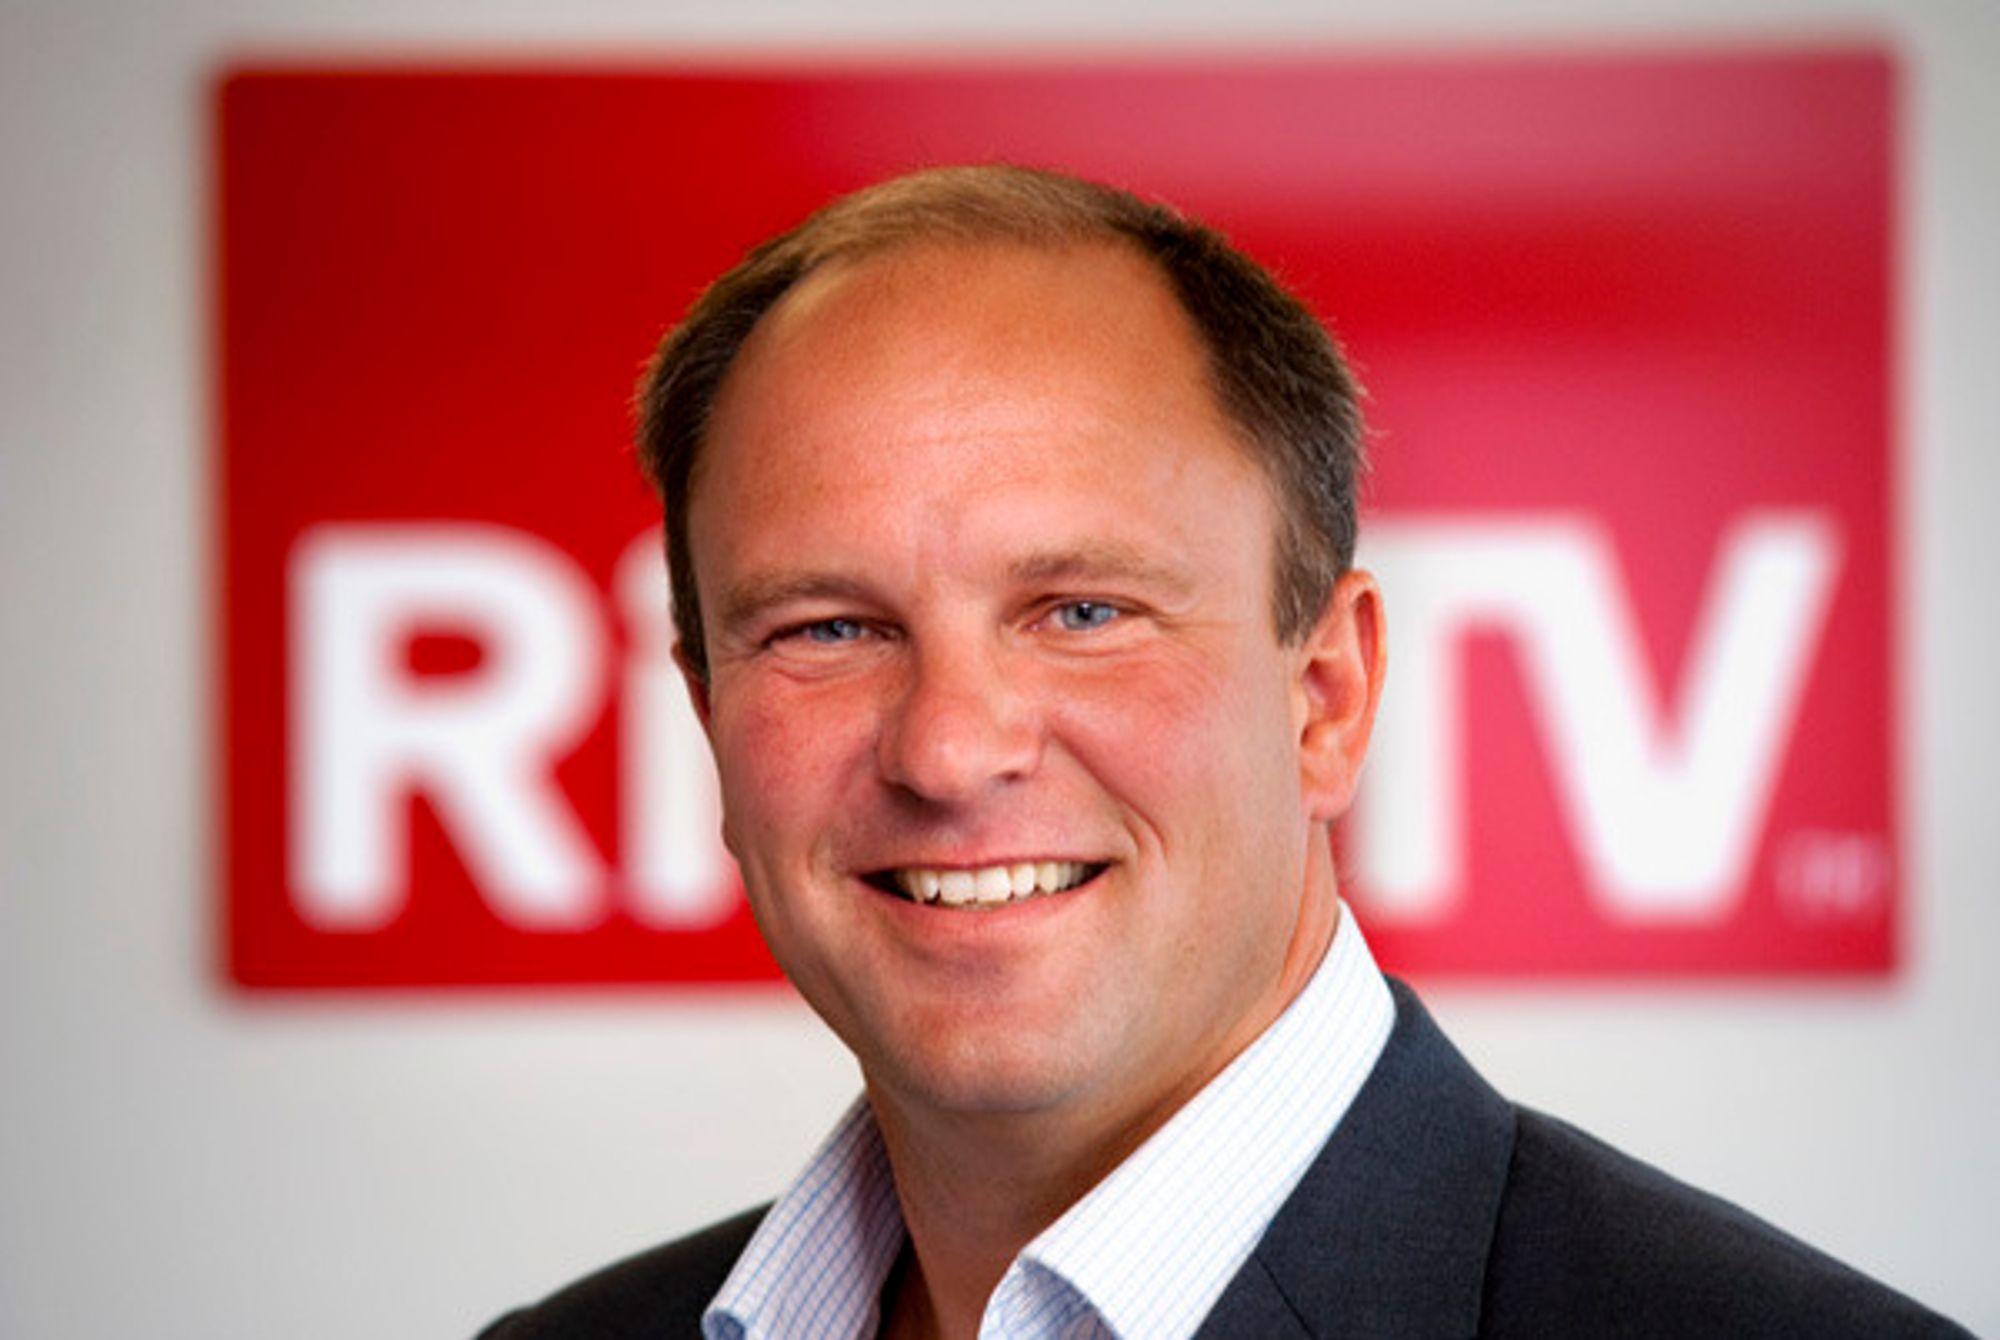 Administrerende direktør Espen Thorsby og RiksTV er først ute i Norden med en abonnementsløsning der du kan plukke enkeltkanaler i stedet for en pakke.